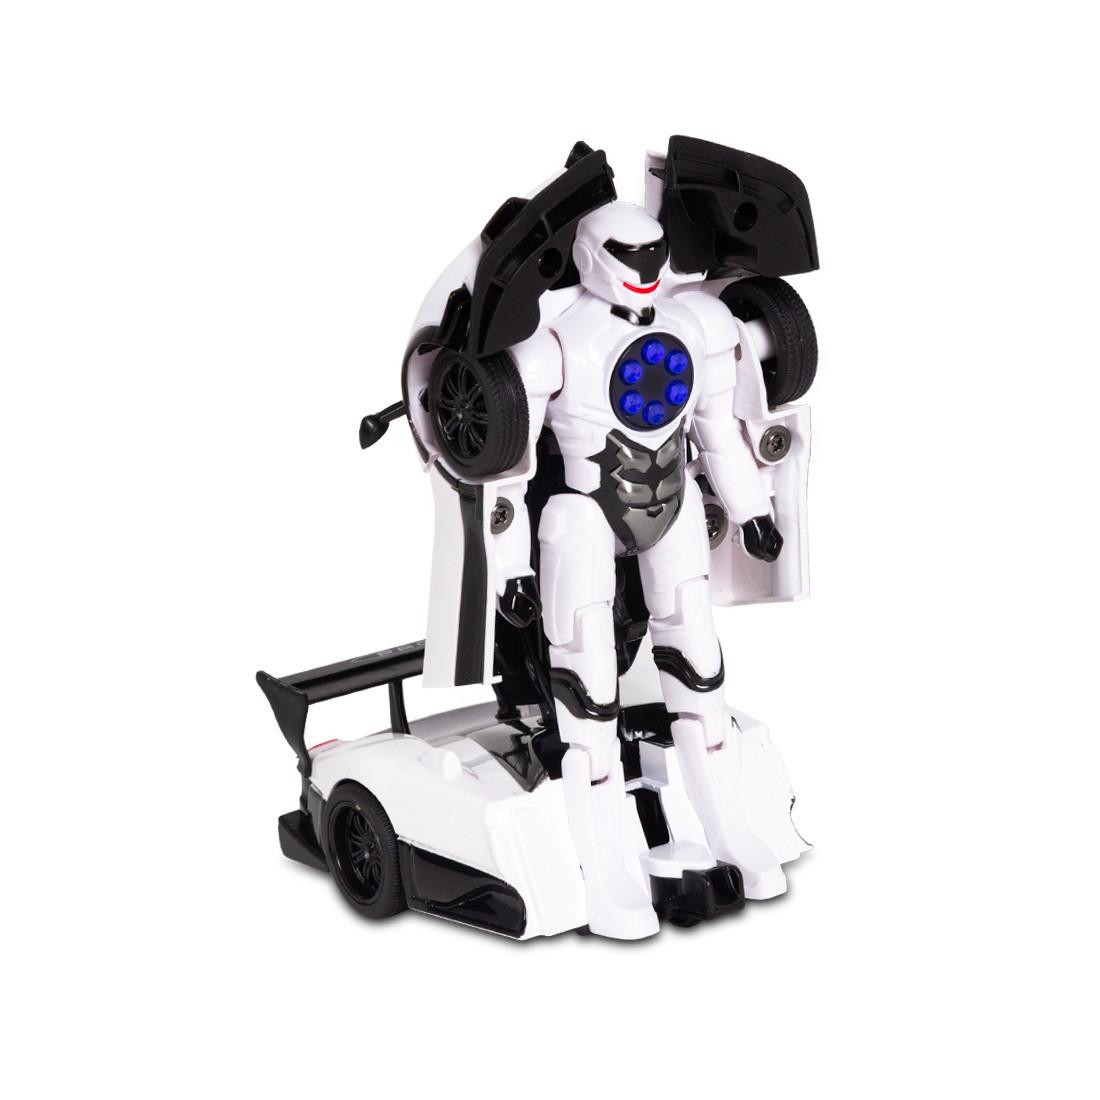 Игрушка трансформер Rastar Pagani Zonda R, Трансформации: Робот, автомобиль, Цвет: Белый, (61900W)